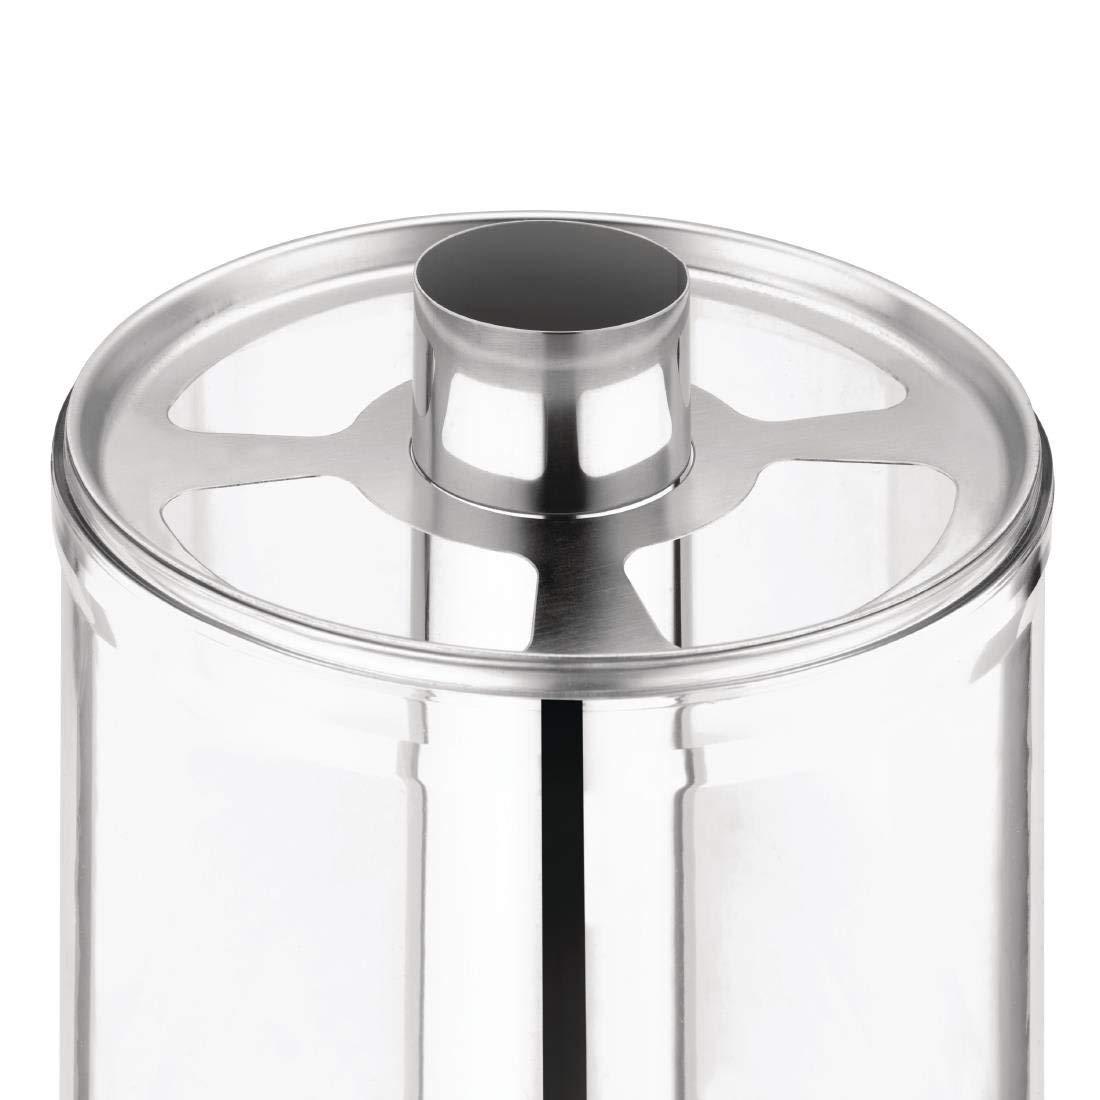 Olympia J183 dispensador de zumo de /único